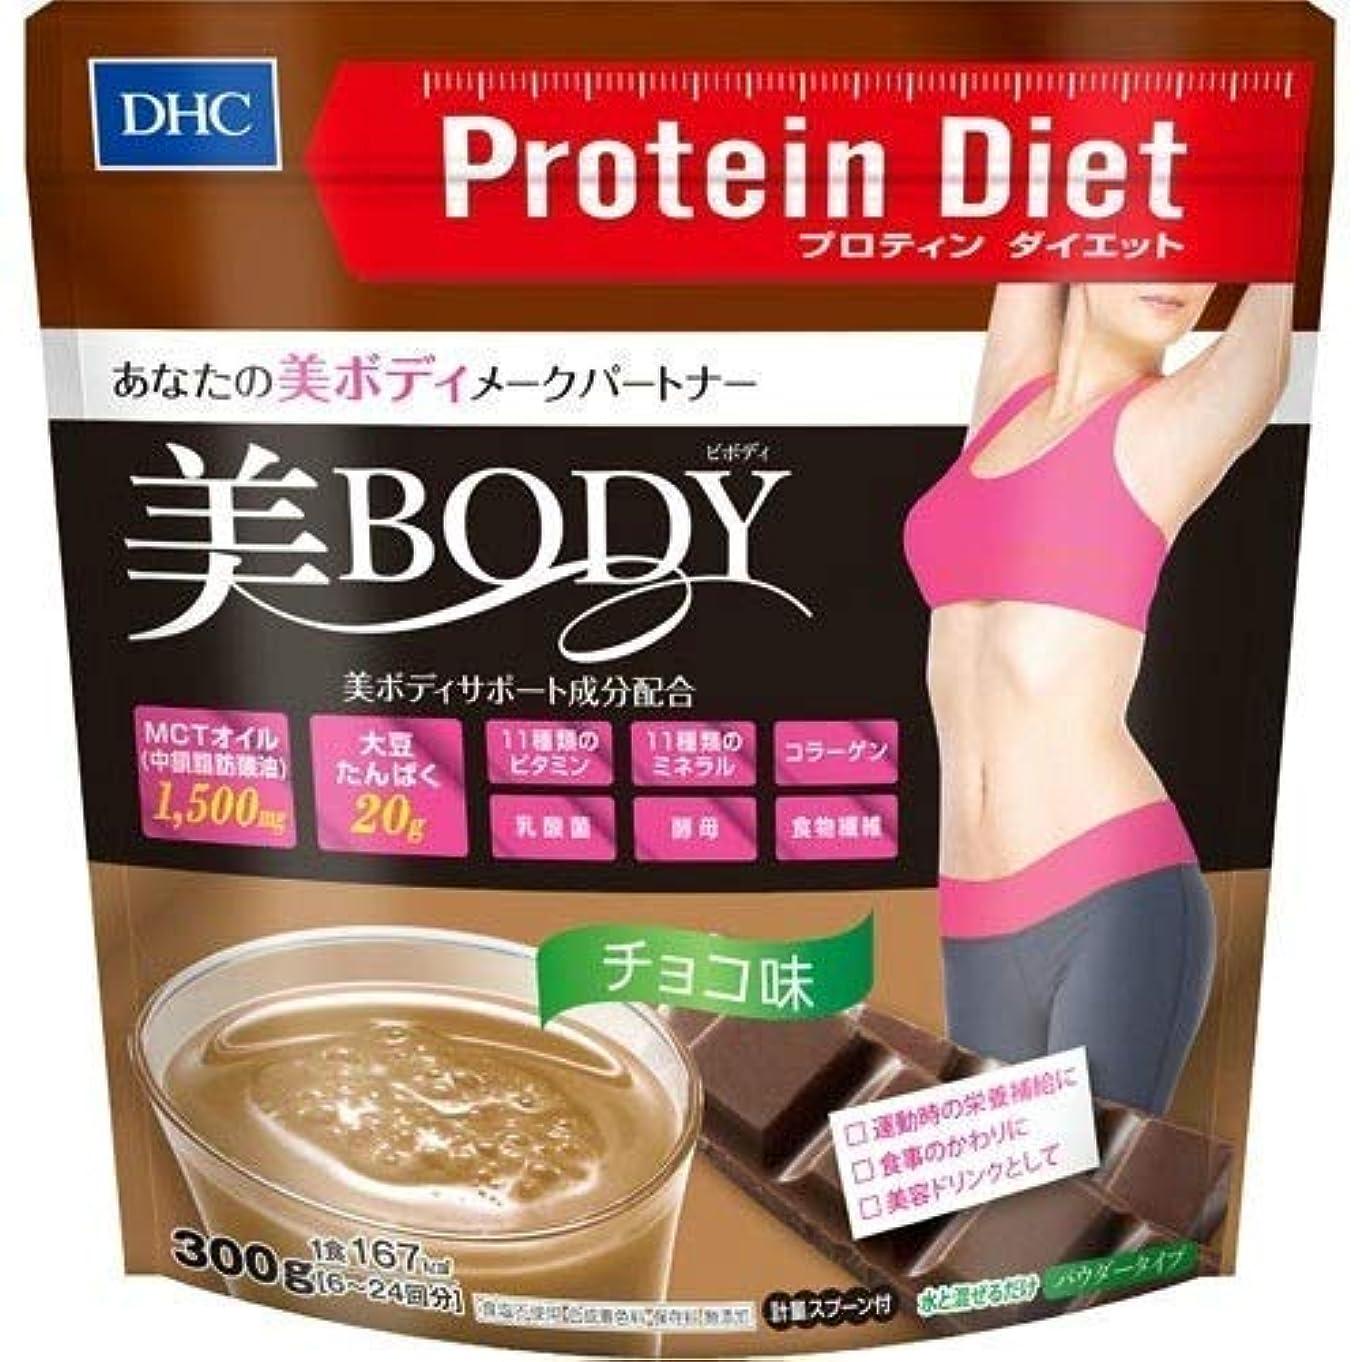 法王福祉急性DHC プロテインダイエット 美Body チョコ味 300g×2個